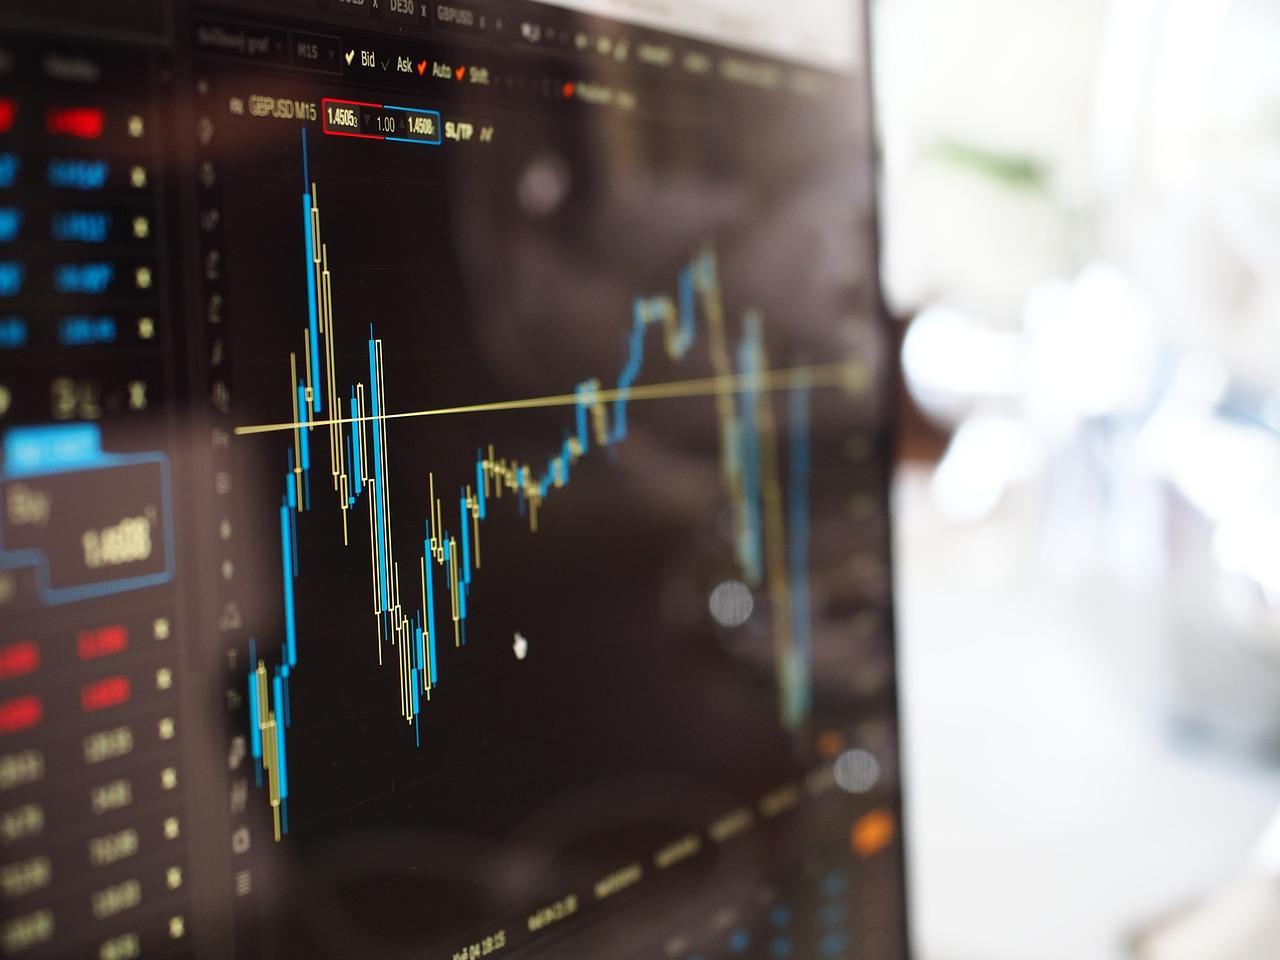 Wie Social Media & Trading die Märkte beeinflusst